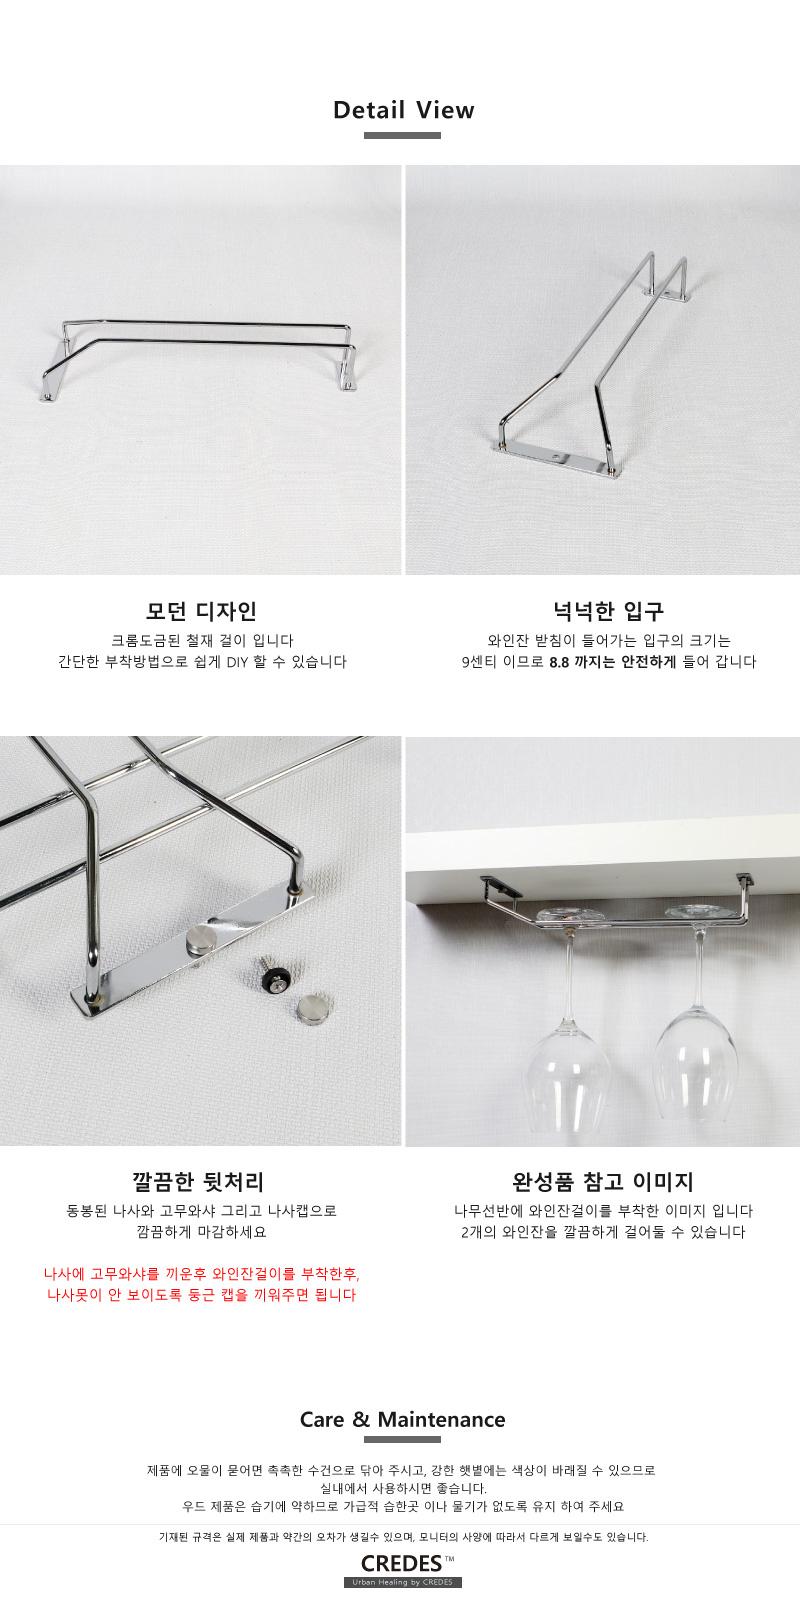 금속메탈 와인잔걸이 홀더 2개세트 DIY - 크레디스, 5,000원, DIY 재료, 부자재